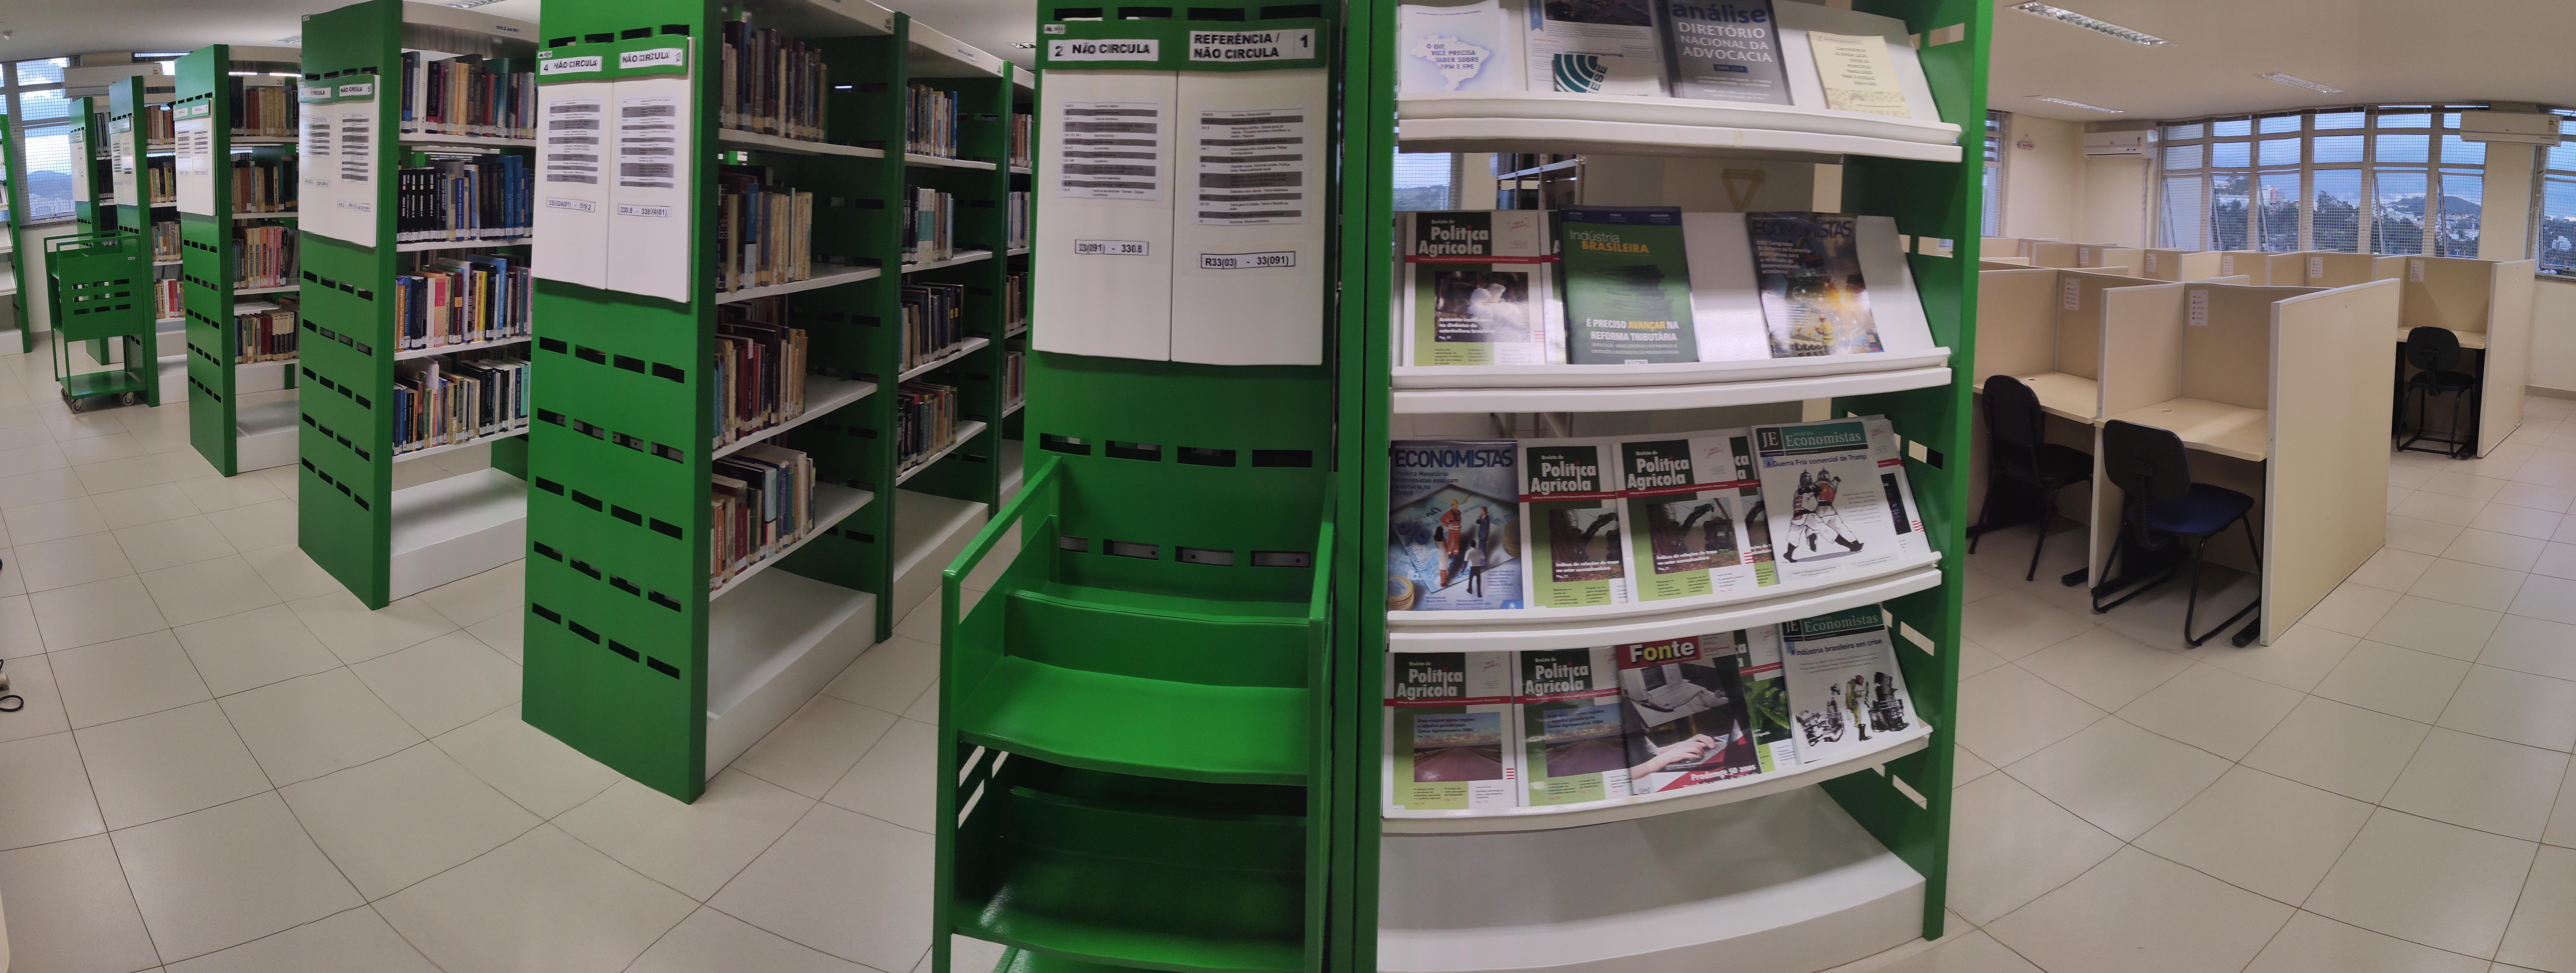 Imagem das estantes de livros e das mesas de estudo individual da biblioteca da economia.